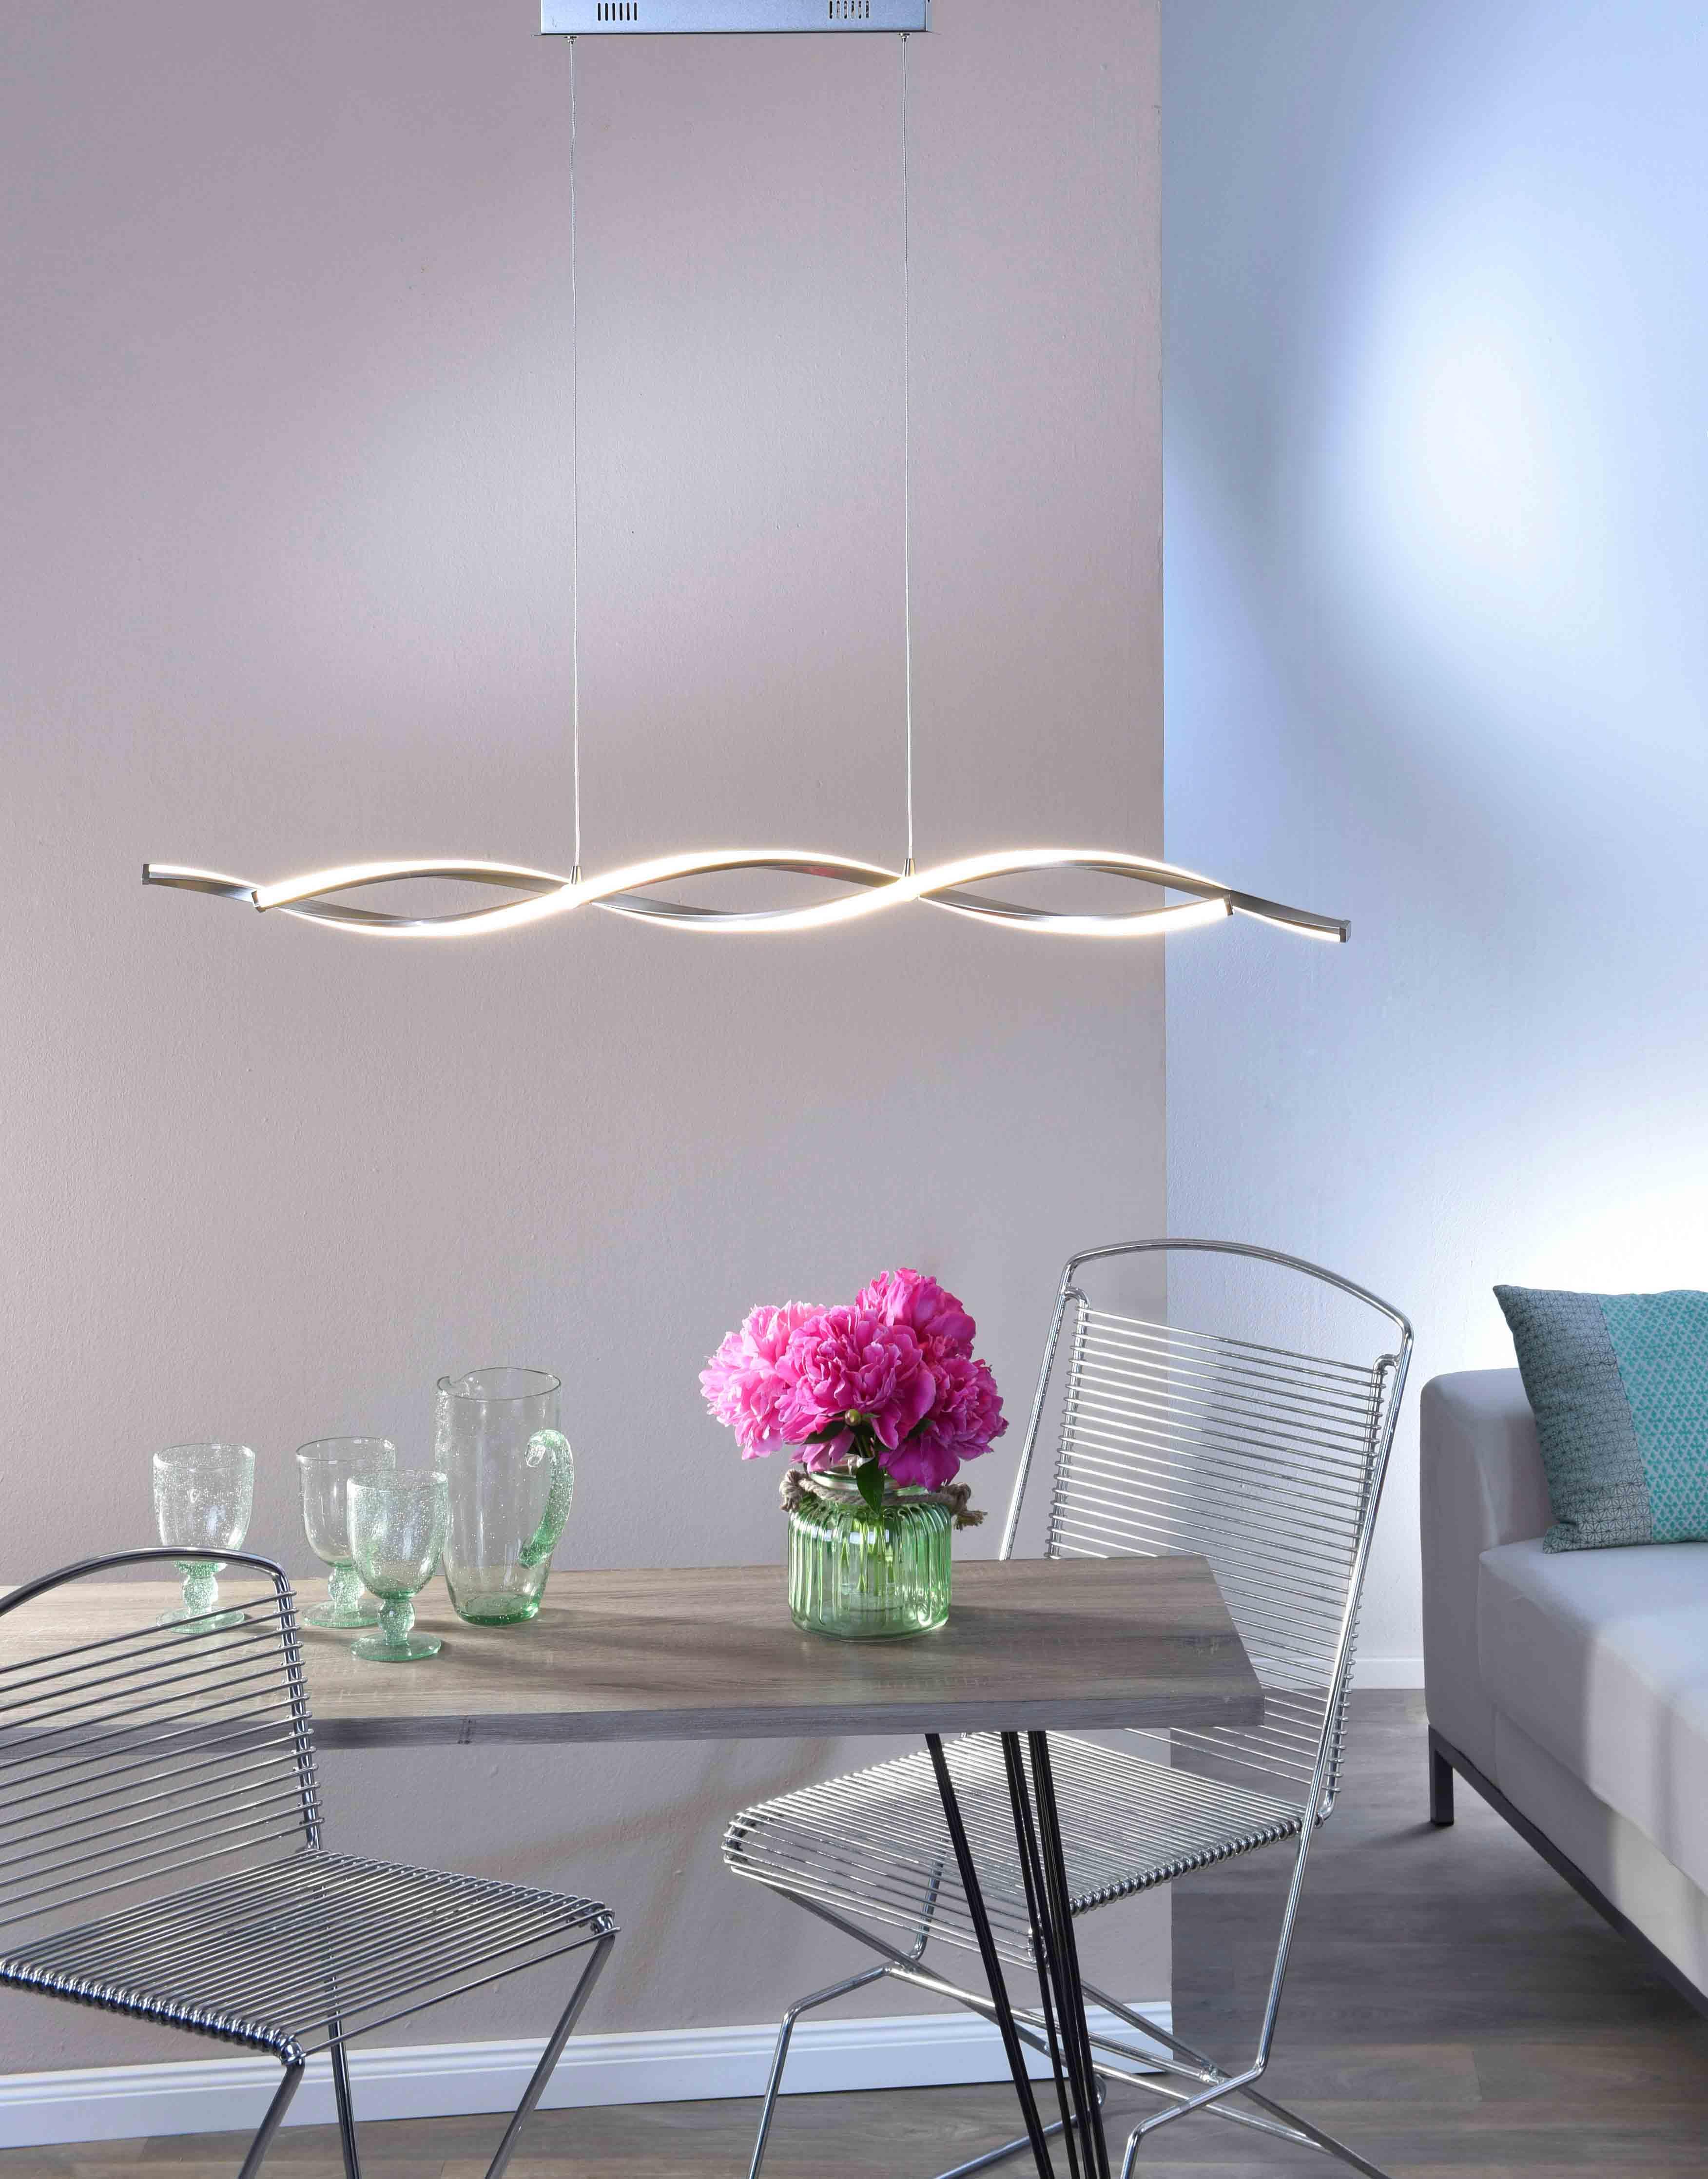 LED Pendelleuchte, wellenförmig, stahlfarben, warmweiß, höhenverstellbar